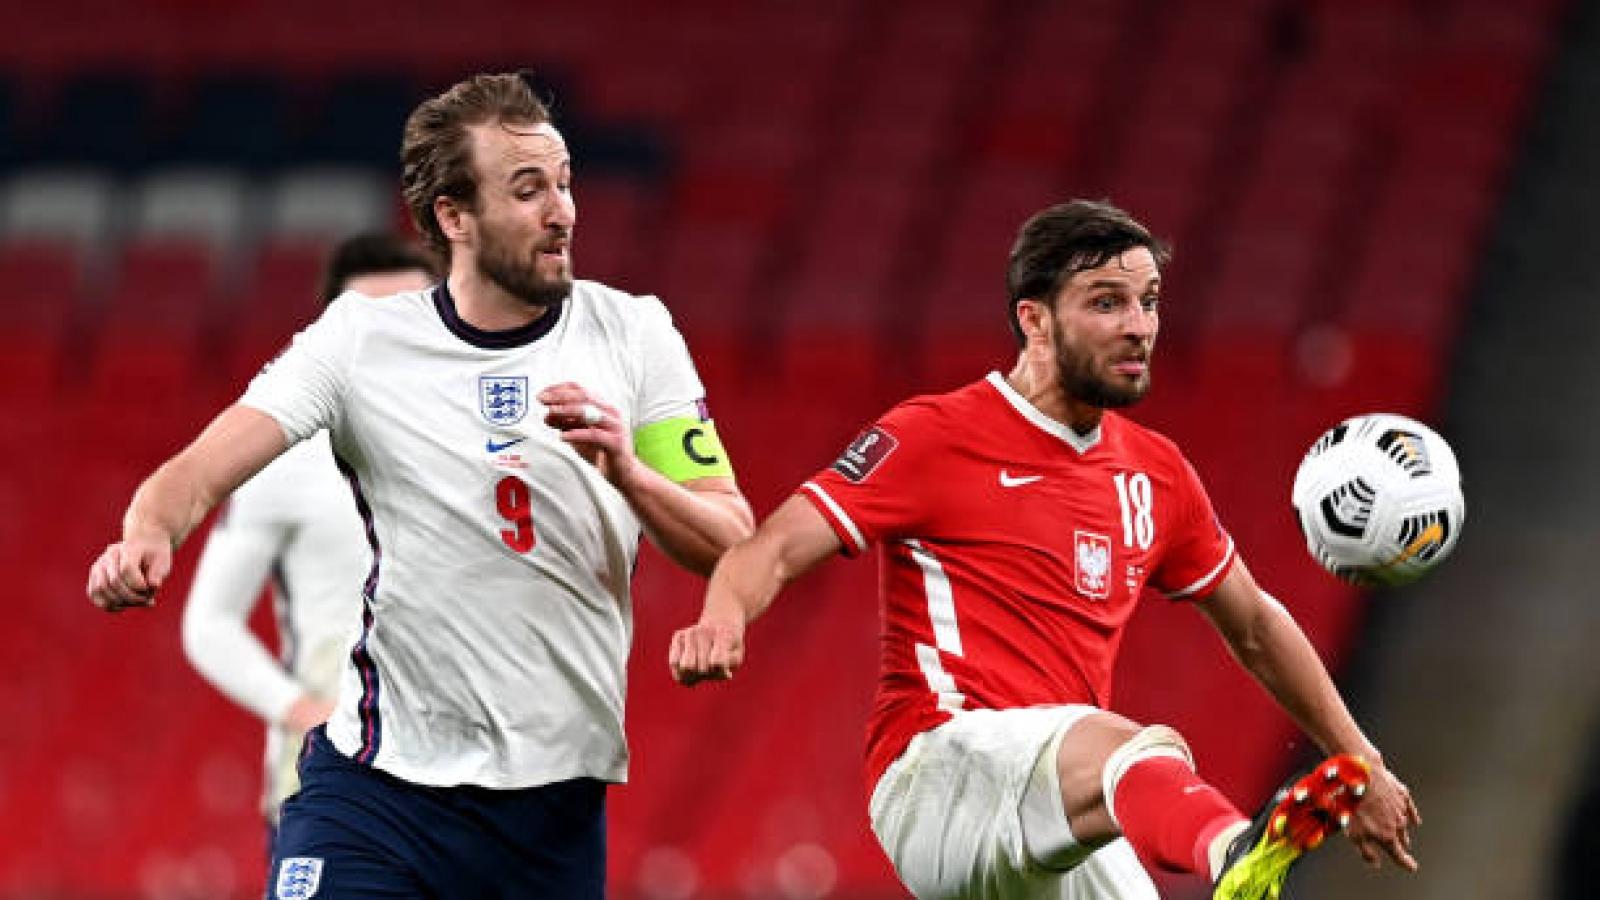 Bảng xếp hạng vòng loại World Cup 2022 khu vực châu Âu: Anh lên đỉnh, Đức gây thất vọng